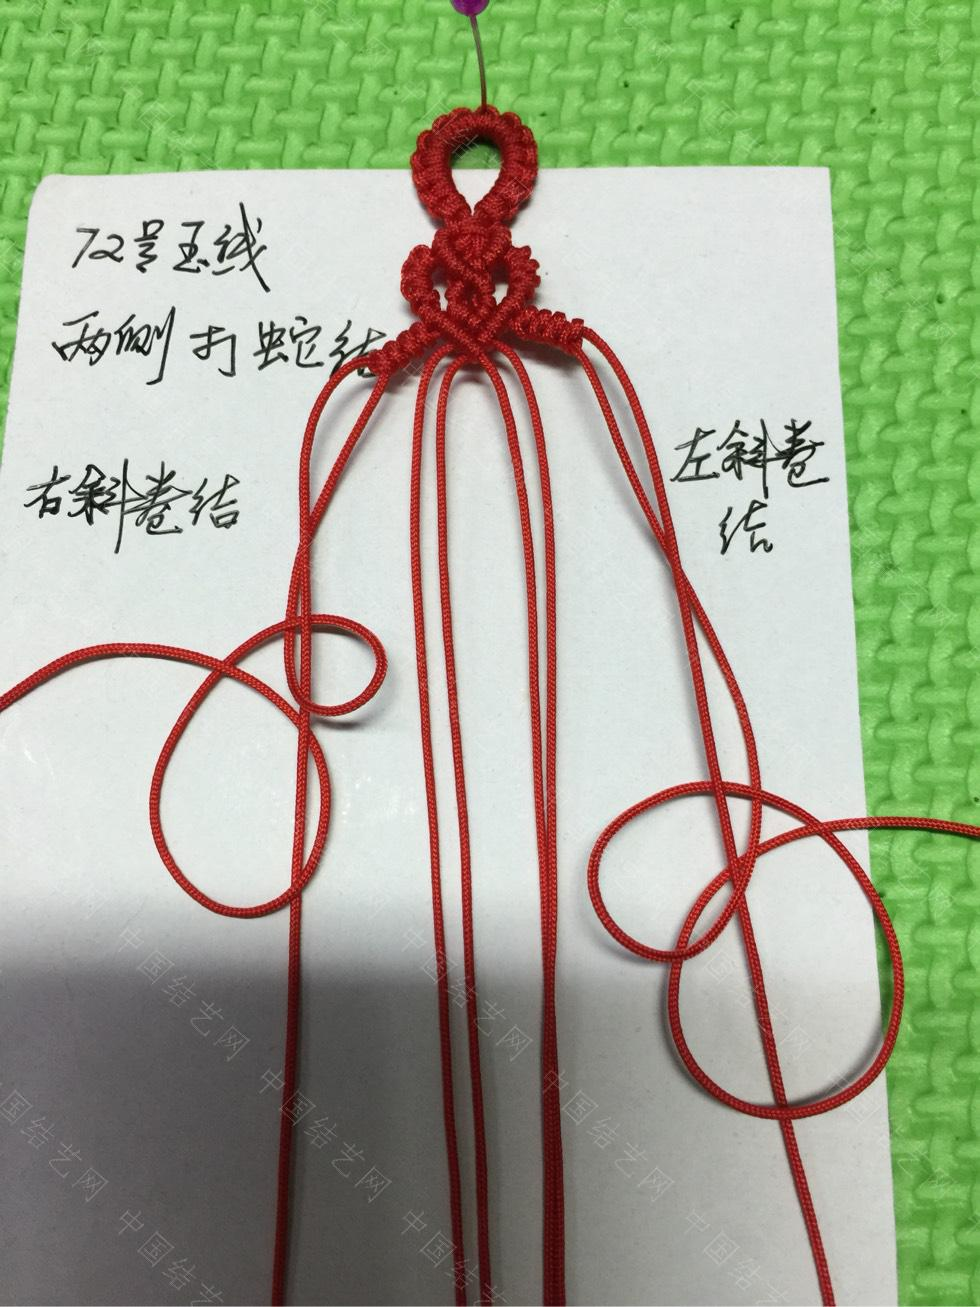 中国结论坛 心形手链  图文教程区 145932bhdhp6rbib62crr9